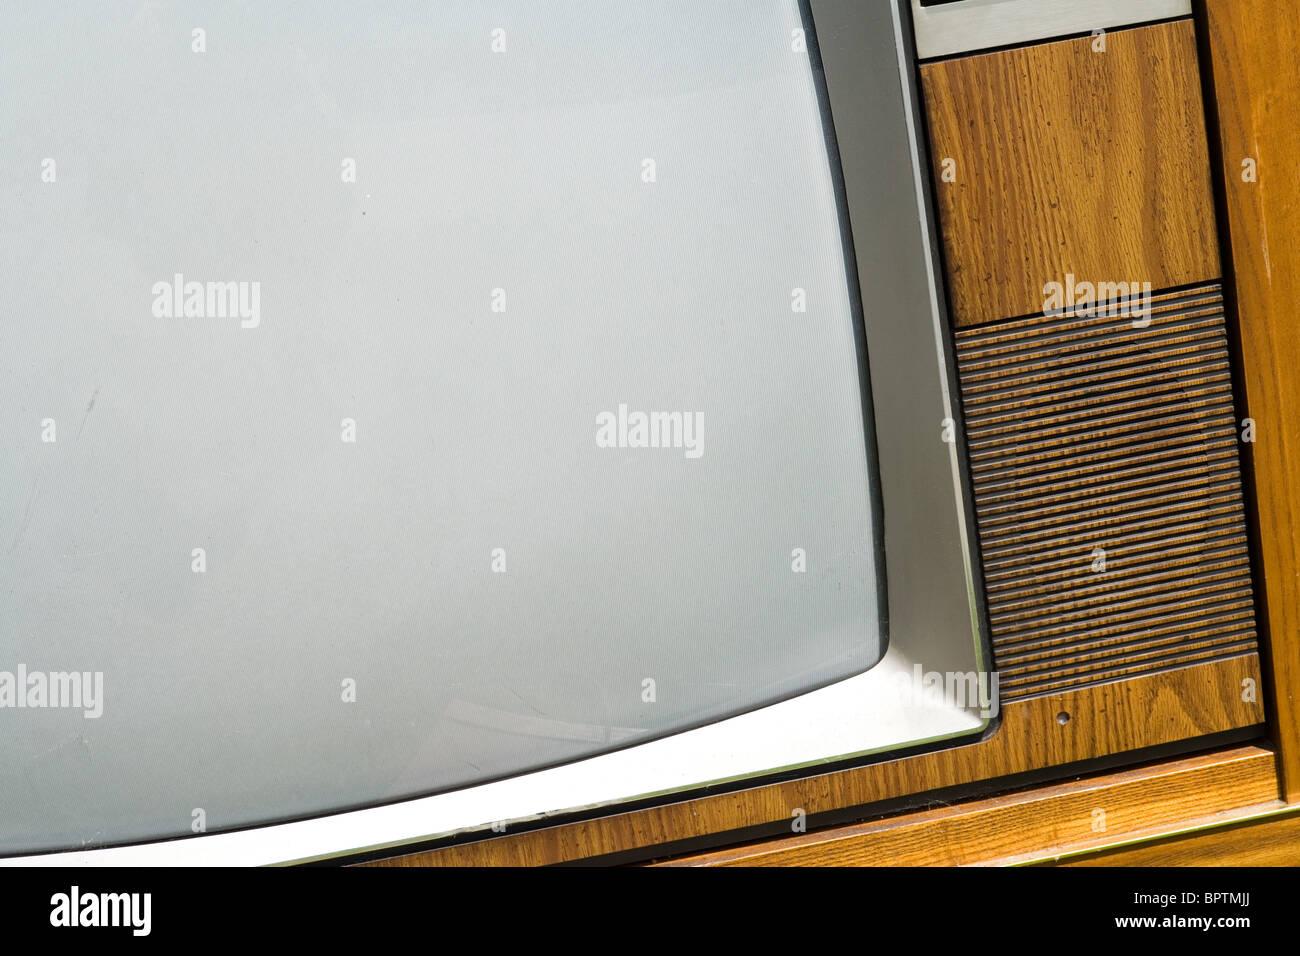 Vecchia Televisione Chiudi fino Immagini Stock